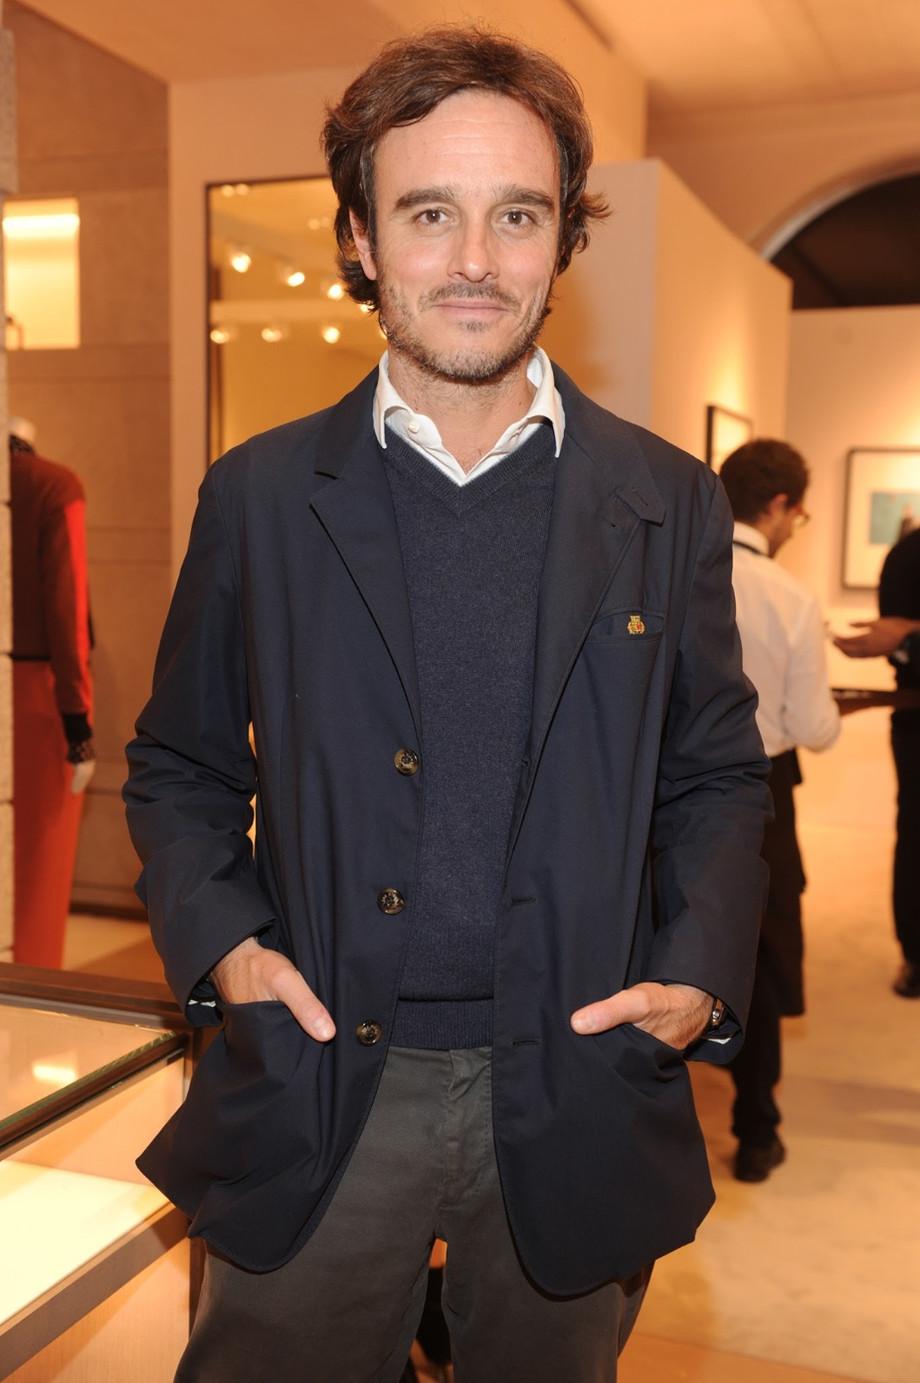 Emanuele Farneti è il nuovo direttore di Vogue Italia / Emanuele Farneti appointed as the new editor